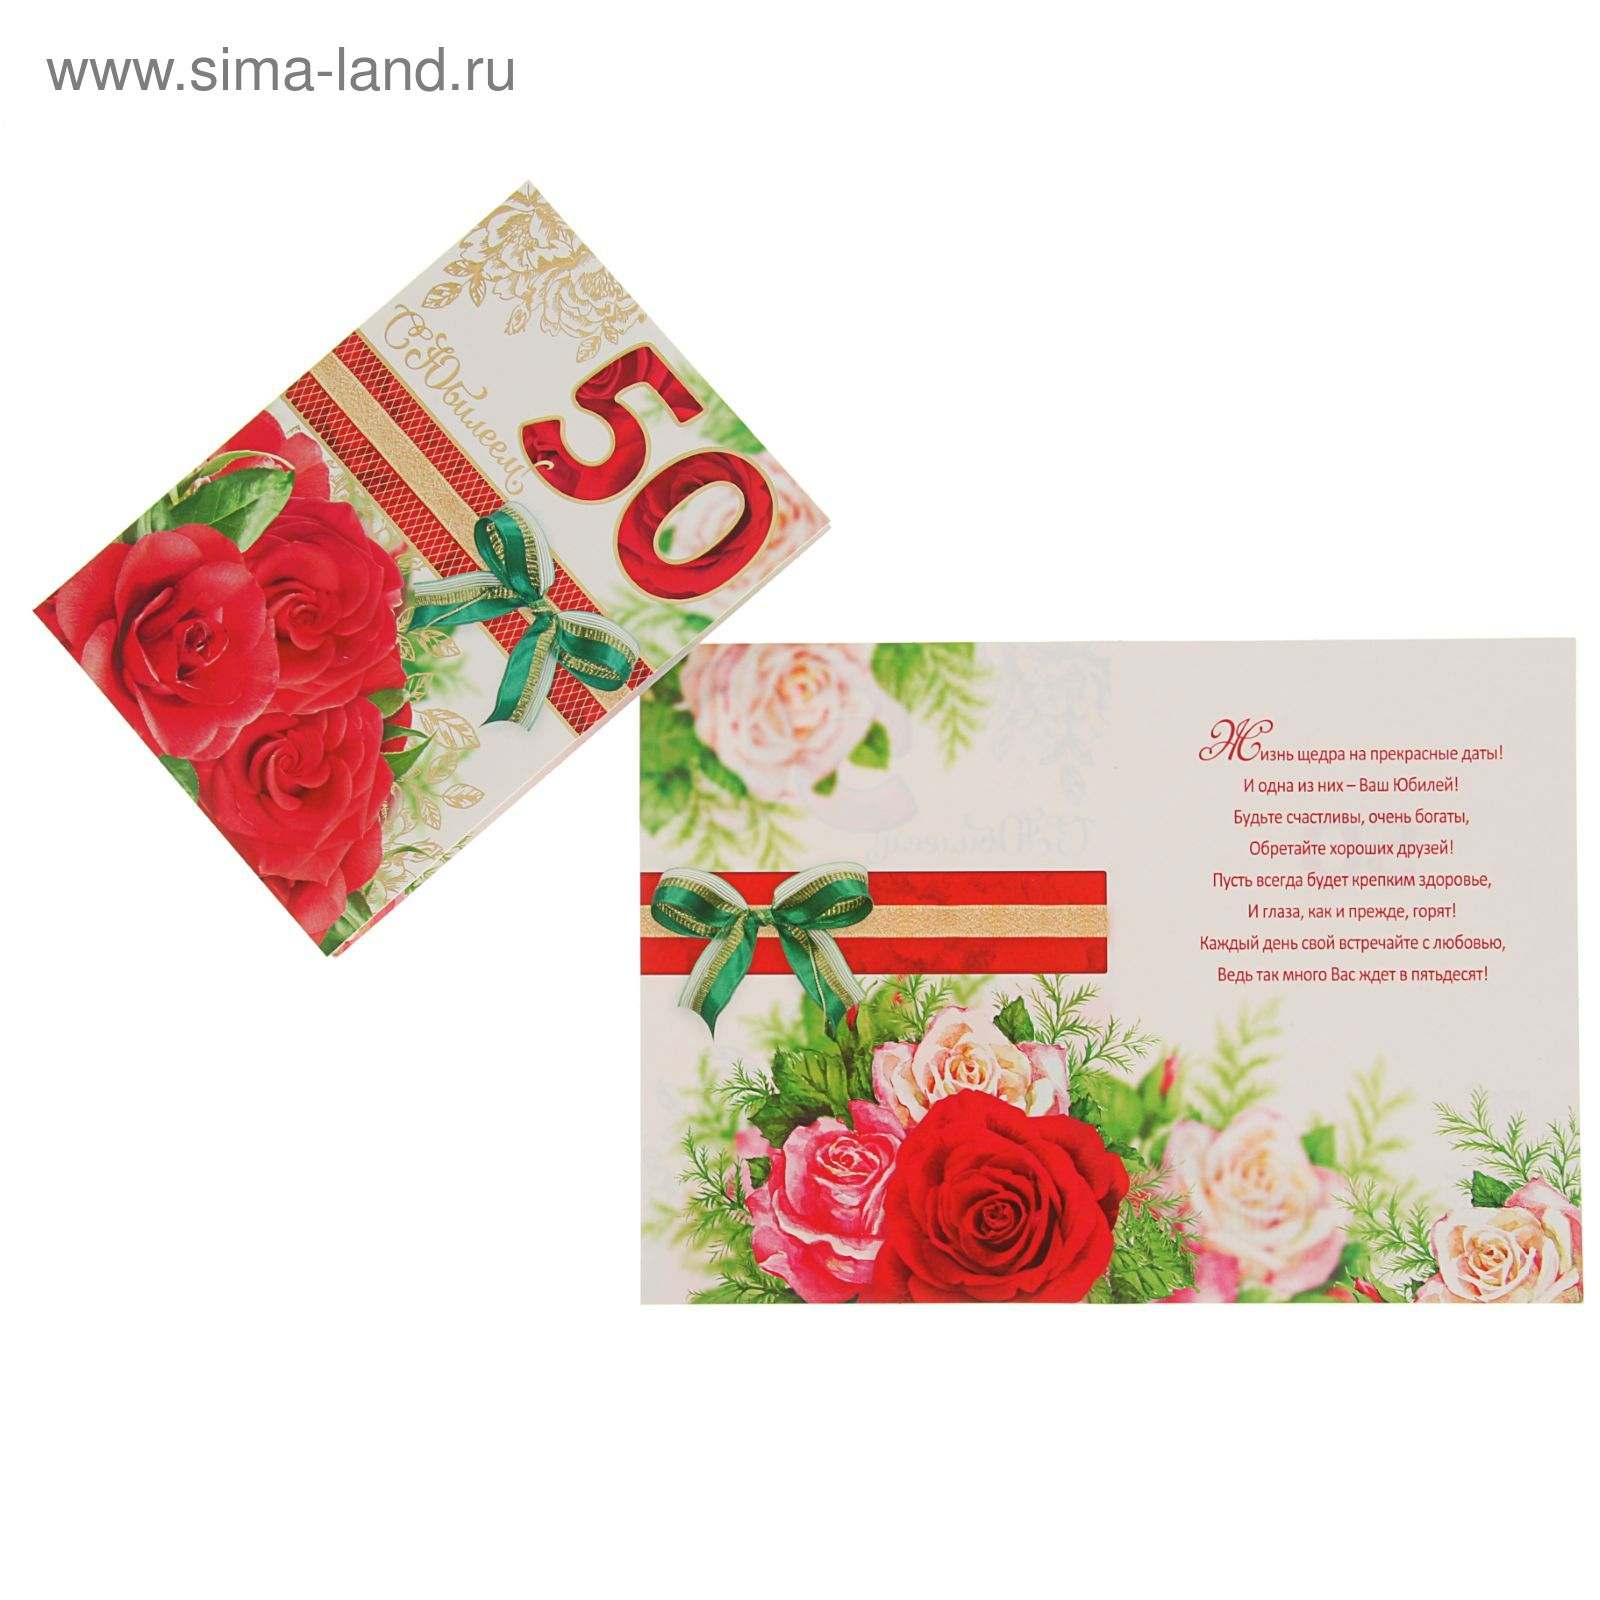 Цветы как символы англии